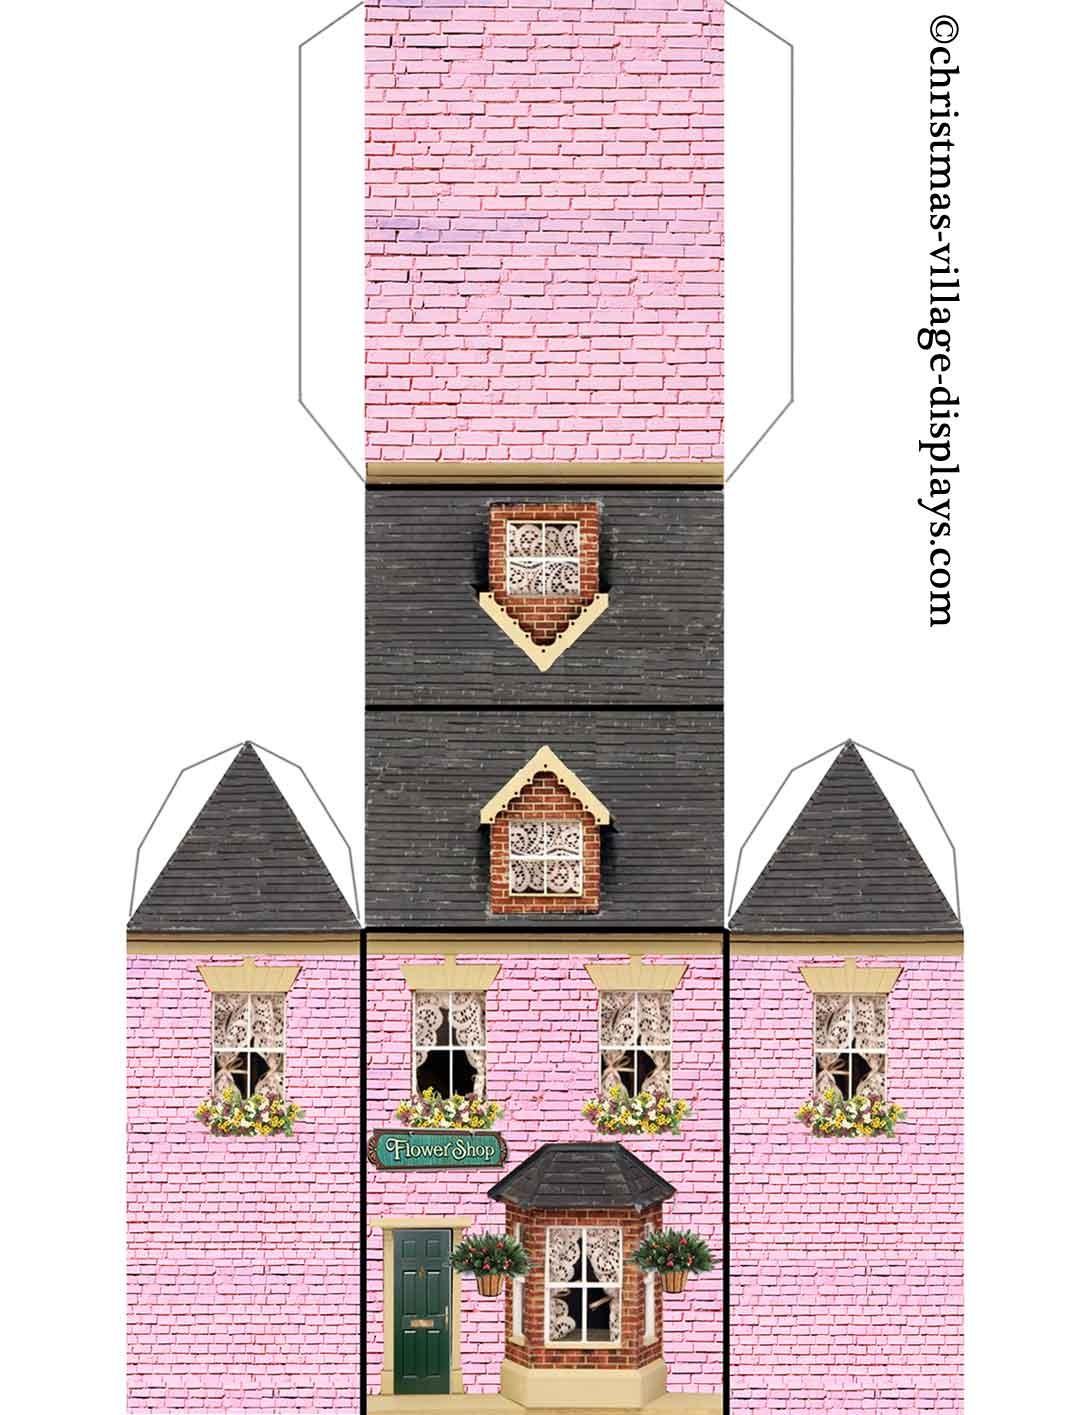 Papercraft Houses 229 Best Maquettes De B¢timents En Papier  Découper Images On